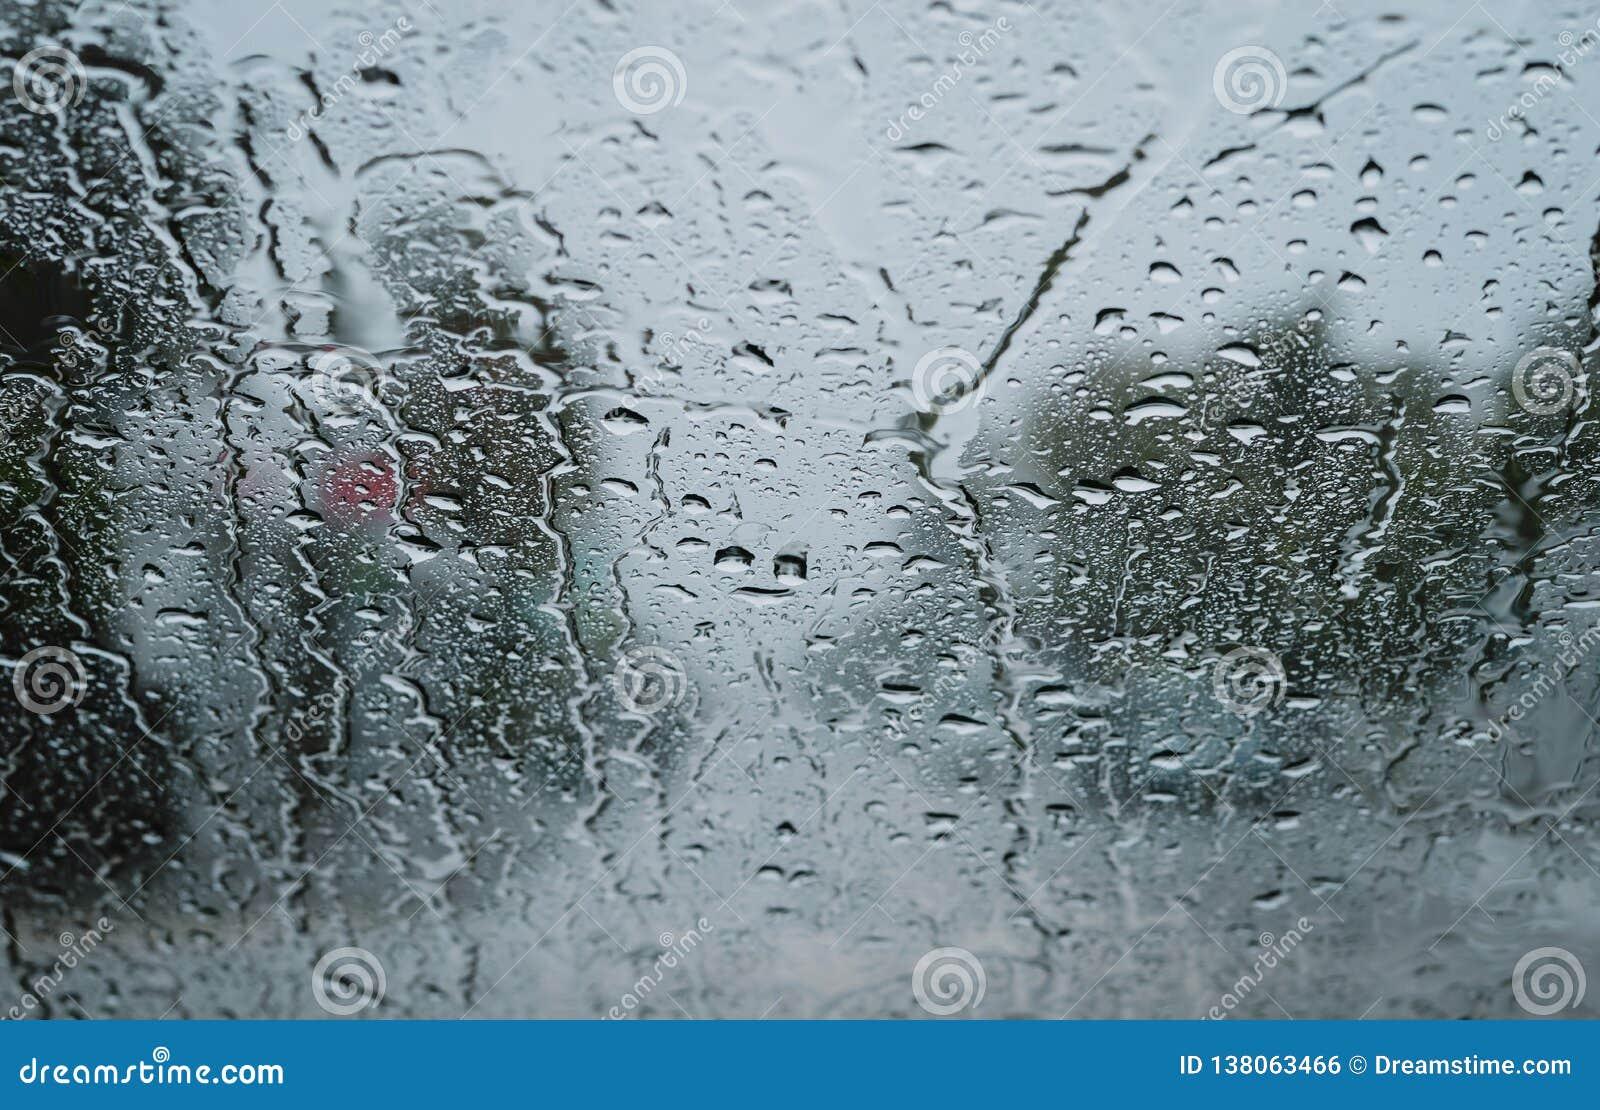 Gouttes de pluie sur un pare-brise